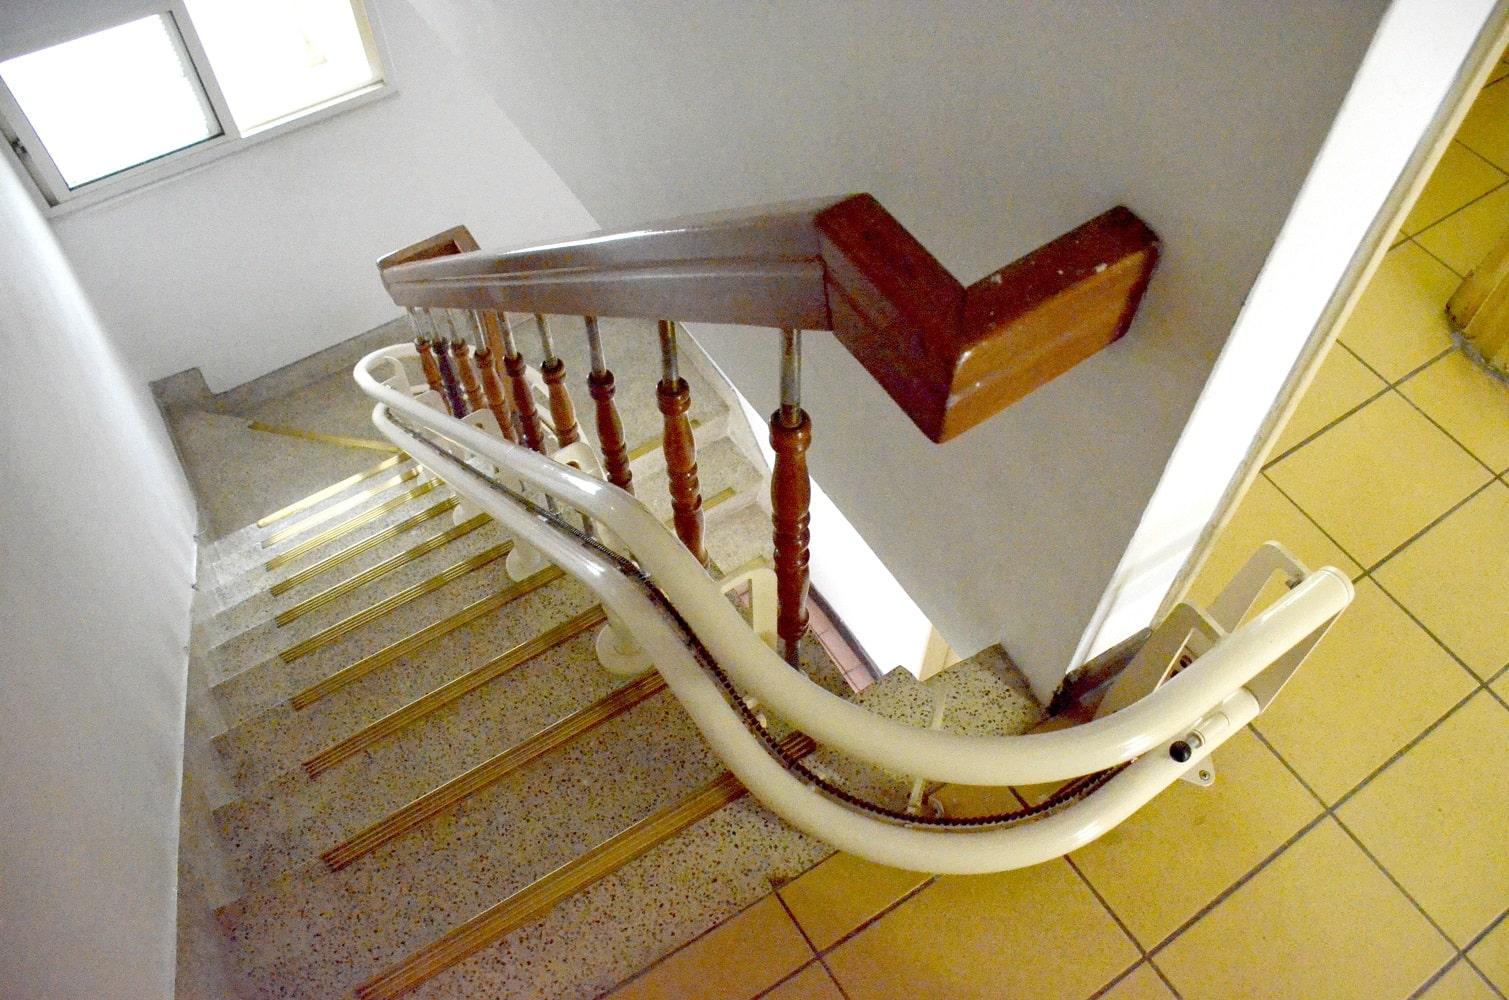 軌道緊鄰扶手,不佔用樓梯的使用空間